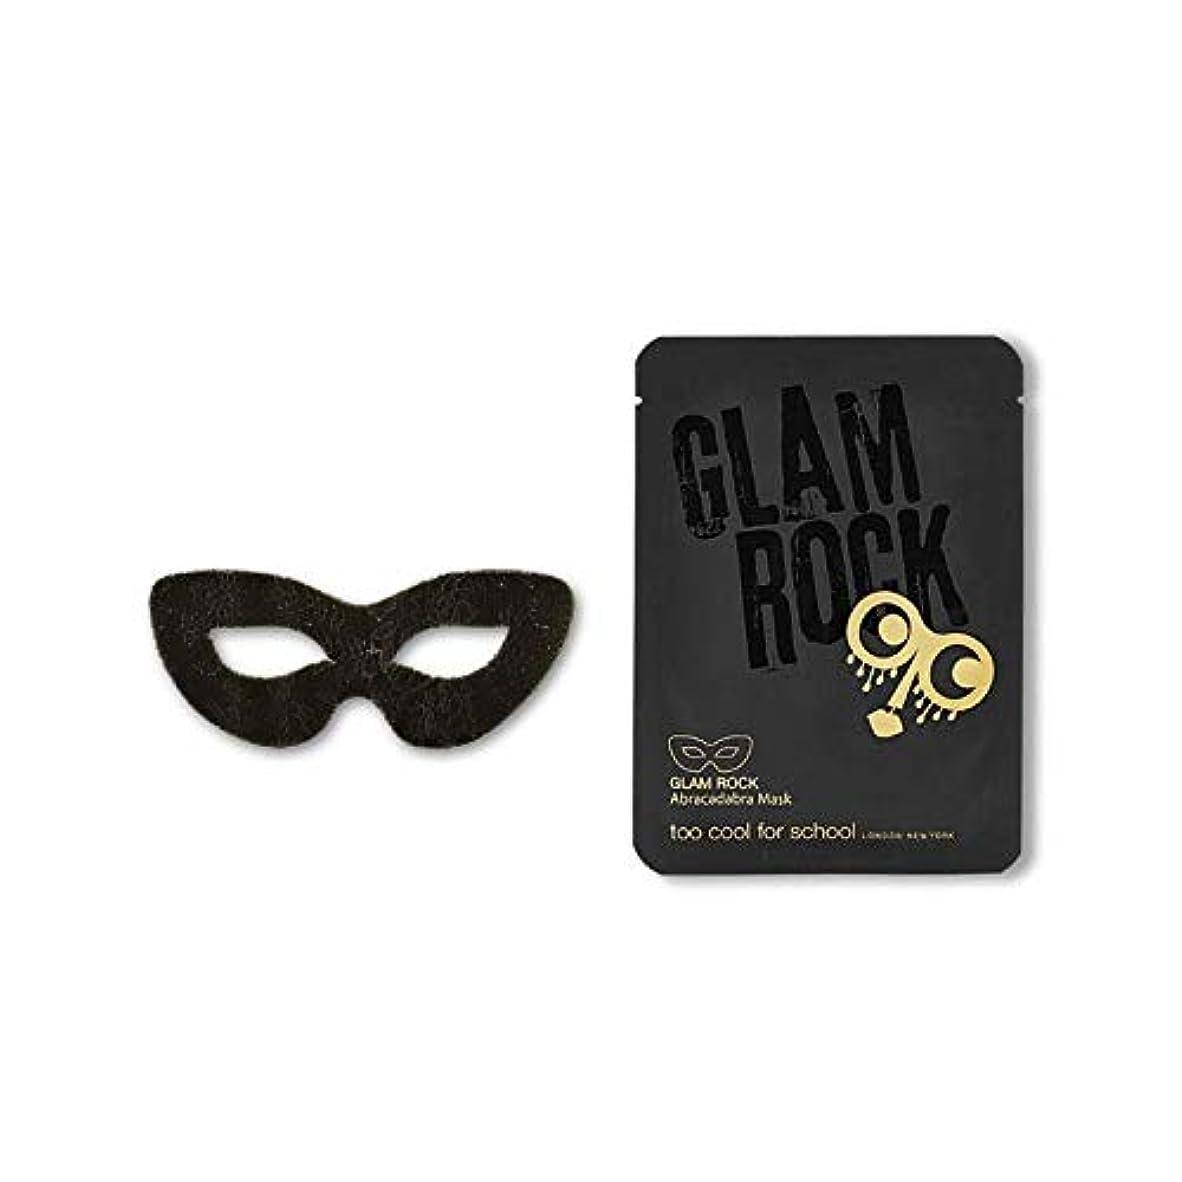 予測ドキュメンタリー太いTOO COOL FOR SCHOOL Glam Rock Abracadabra Mask (並行輸入品)